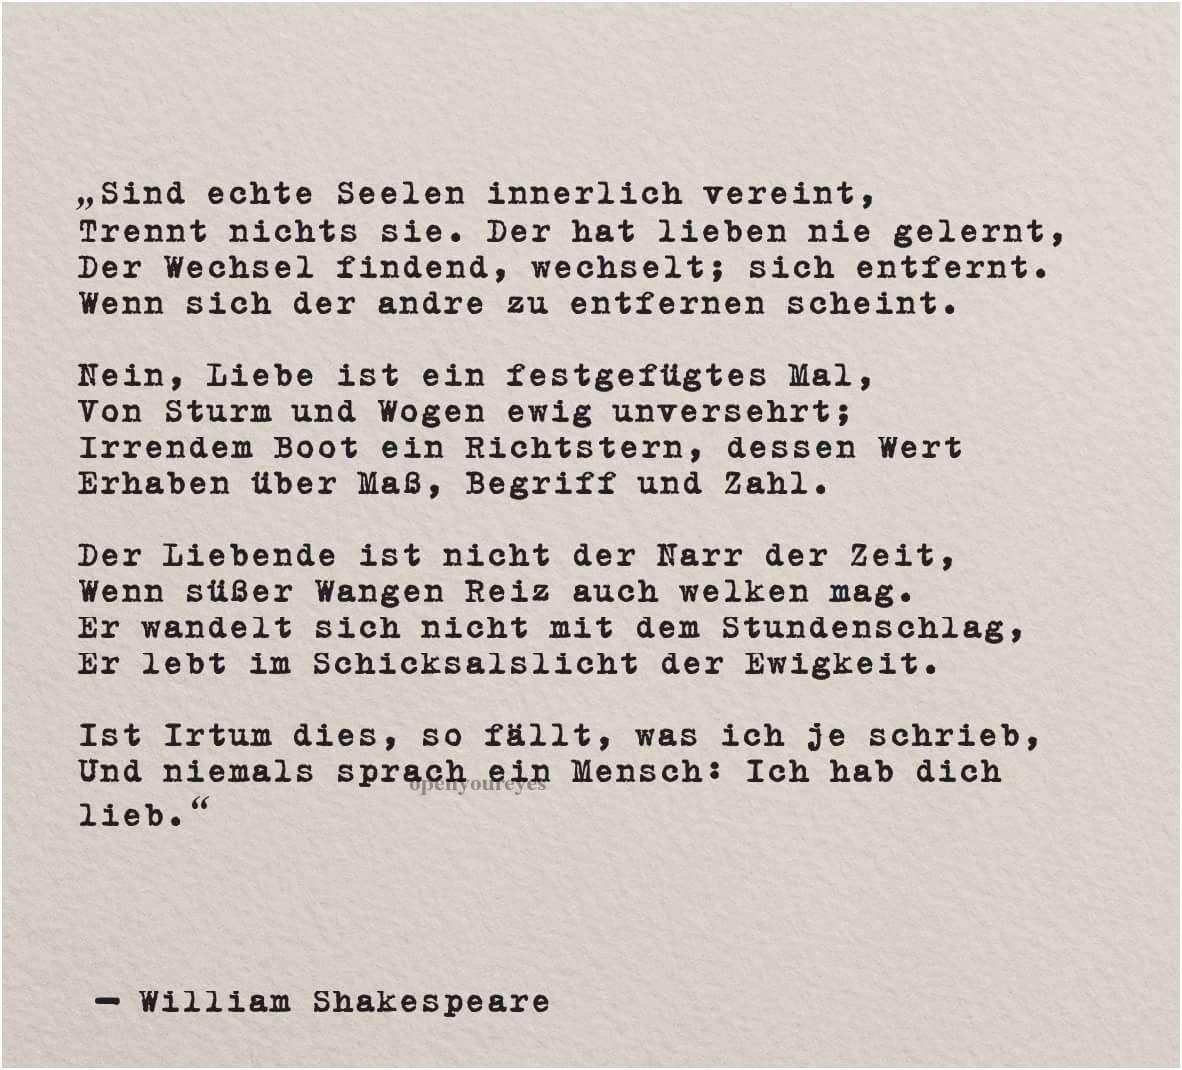 Liebe Zitat Shakespeare William Shakespeare